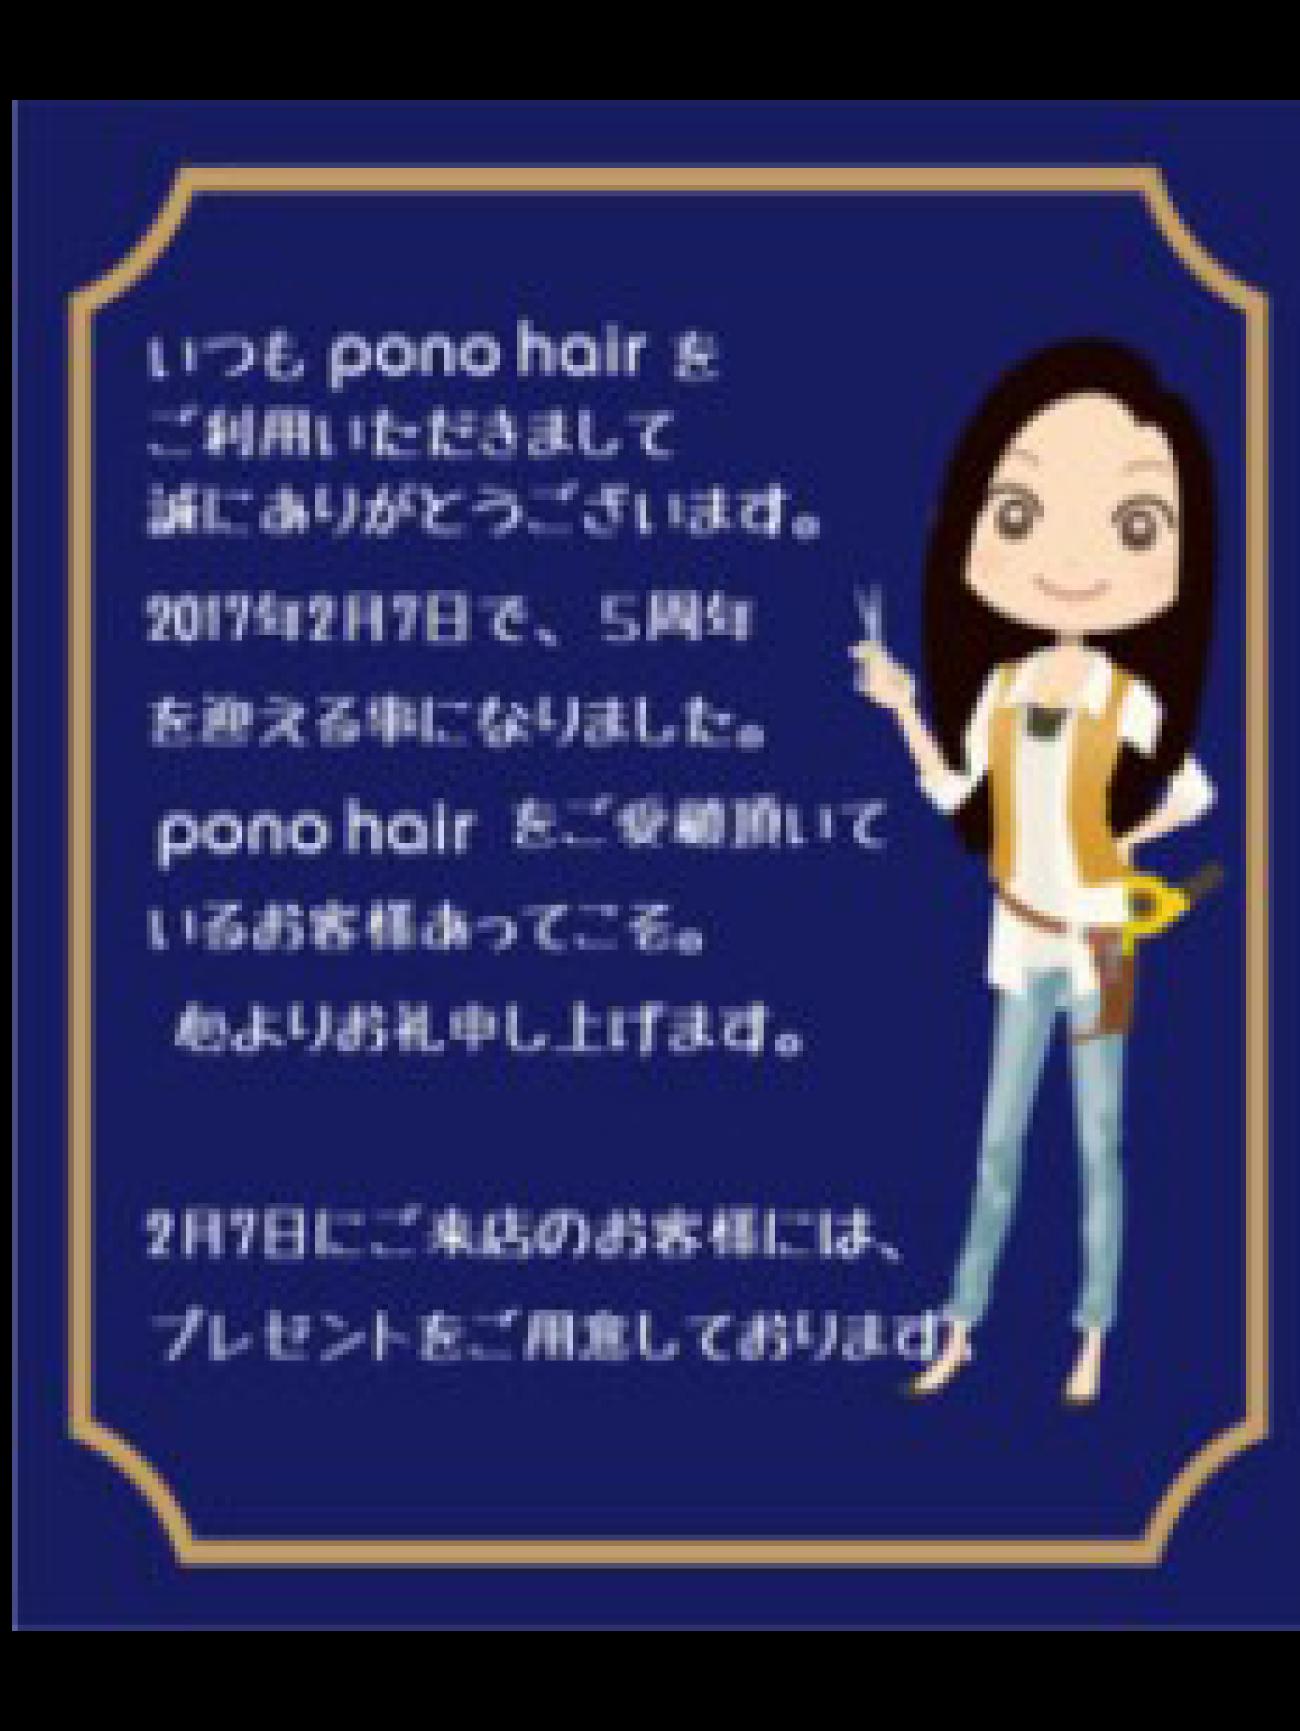 清須 美容室 ponohair ブログ2017/2/7